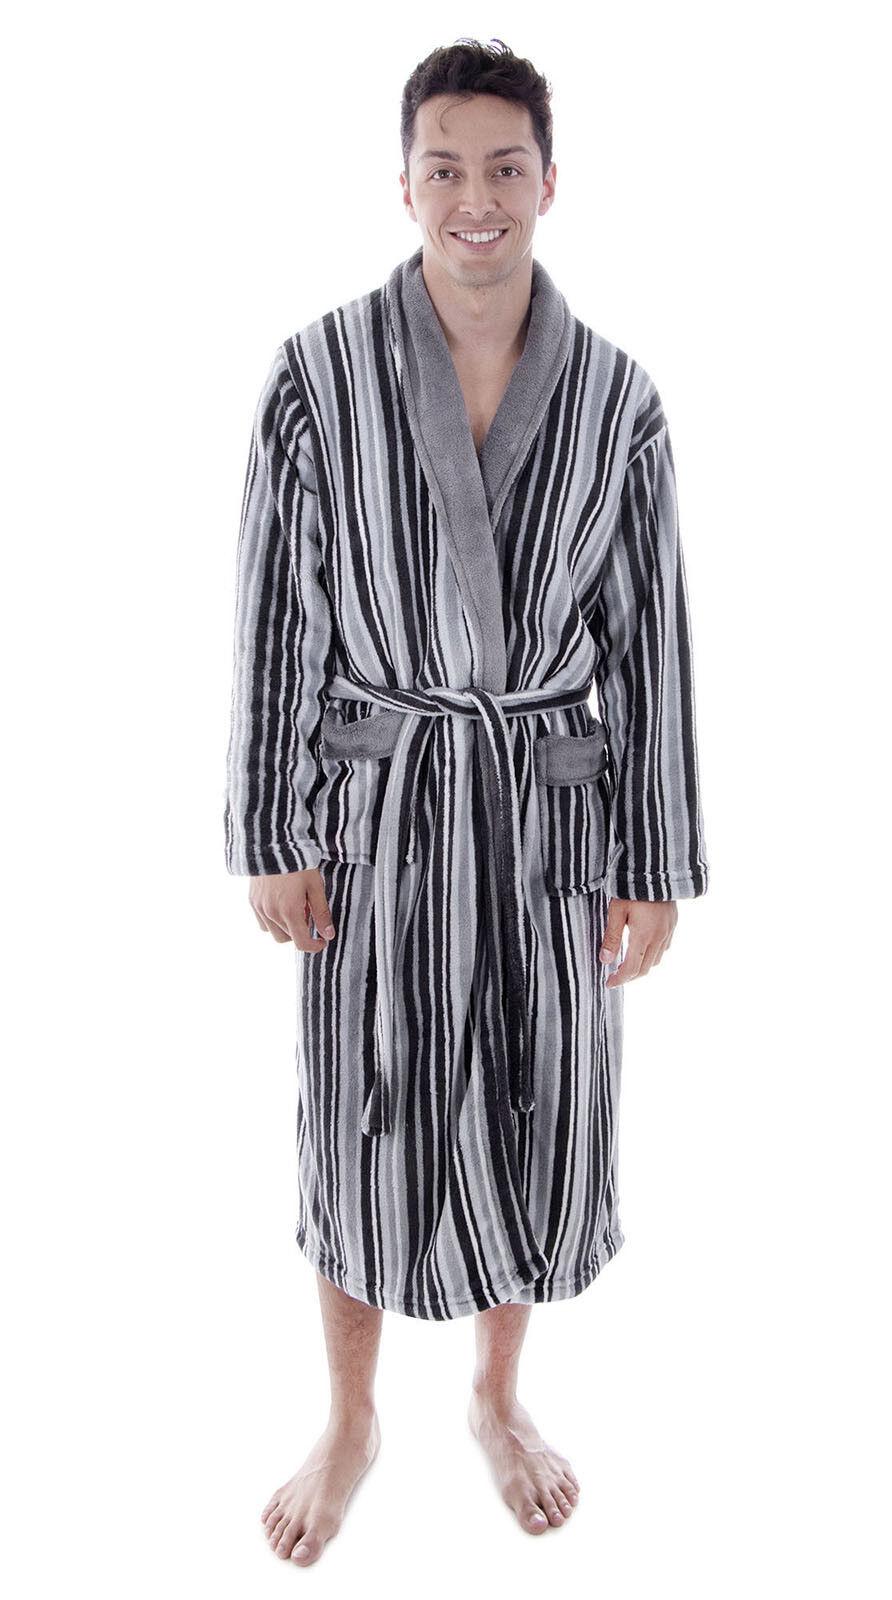 Fashion Men's Robe Fluffy Shawl Collar Warm Long Sleeve Bathrobe Sleepwear